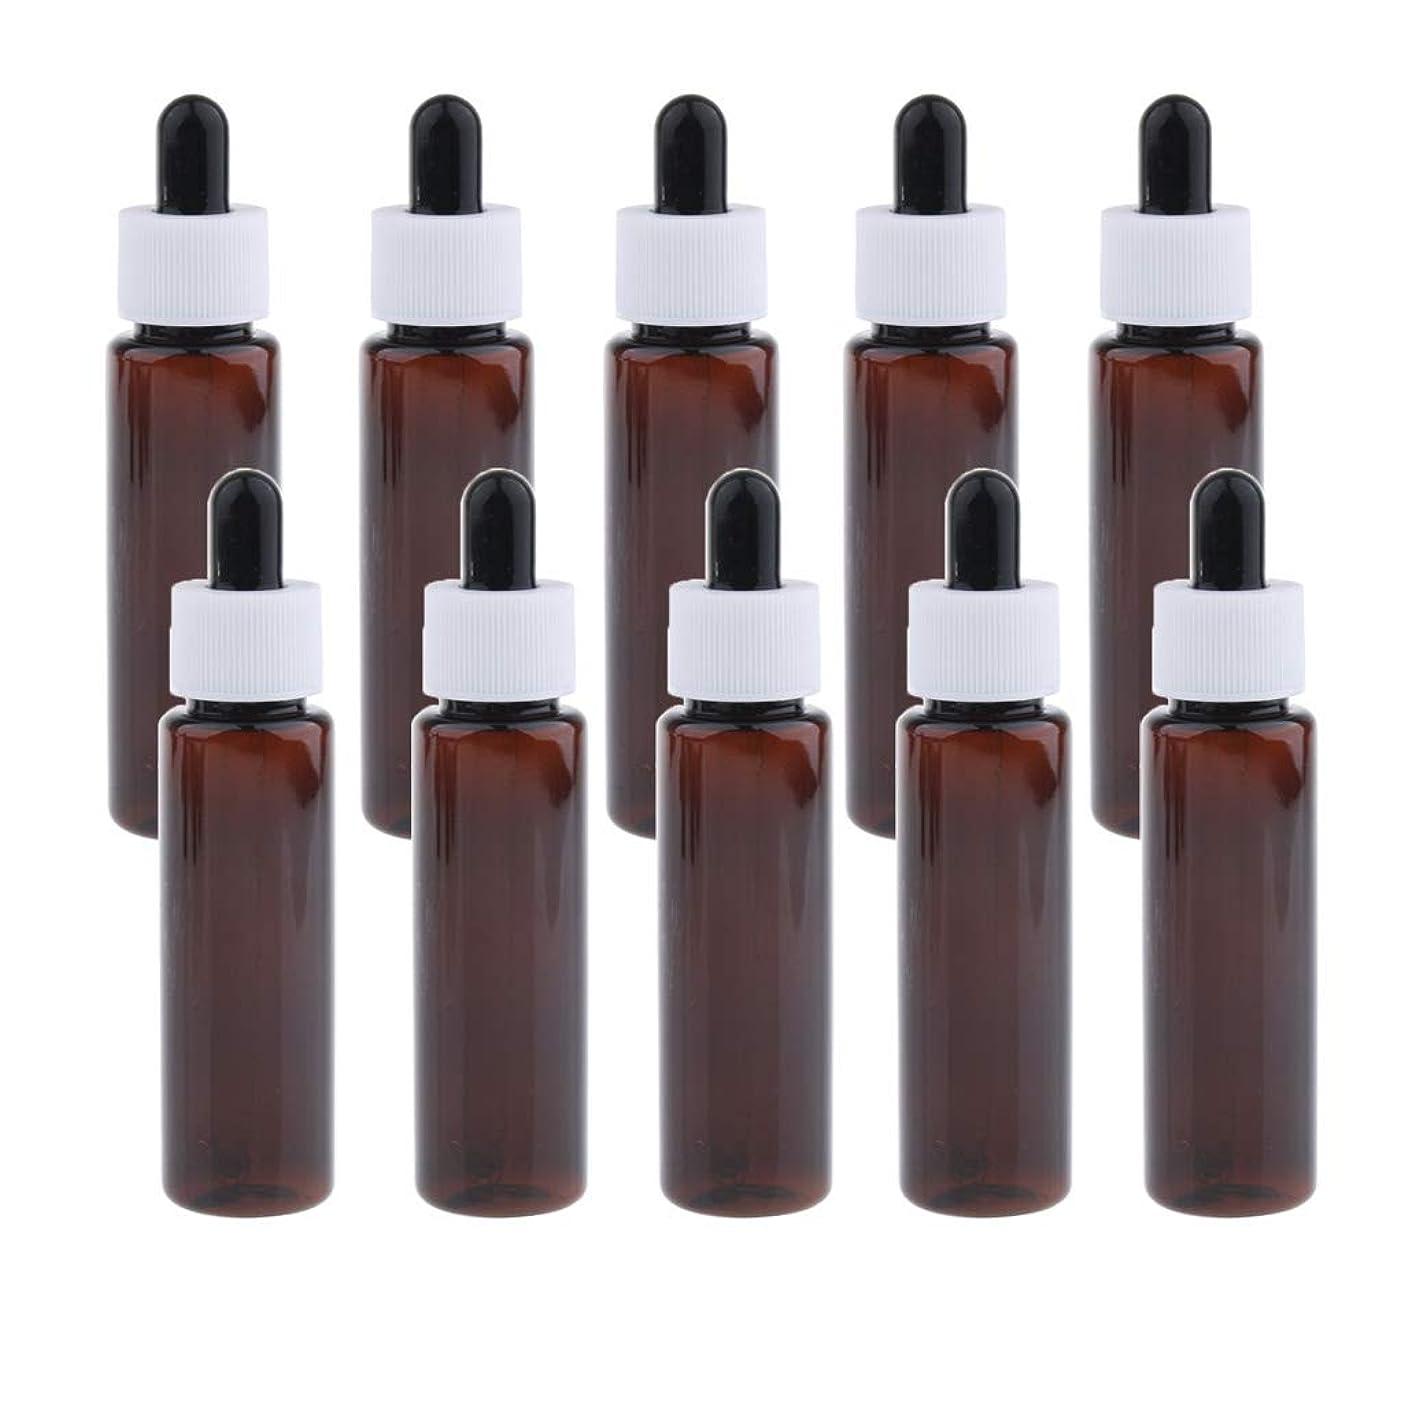 殺す修理工全体sharprepublic 30ml スポイトボトル 香水瓶 詰替え容器 エッセンシャルオイル 全4色 約10個セット - アンバー